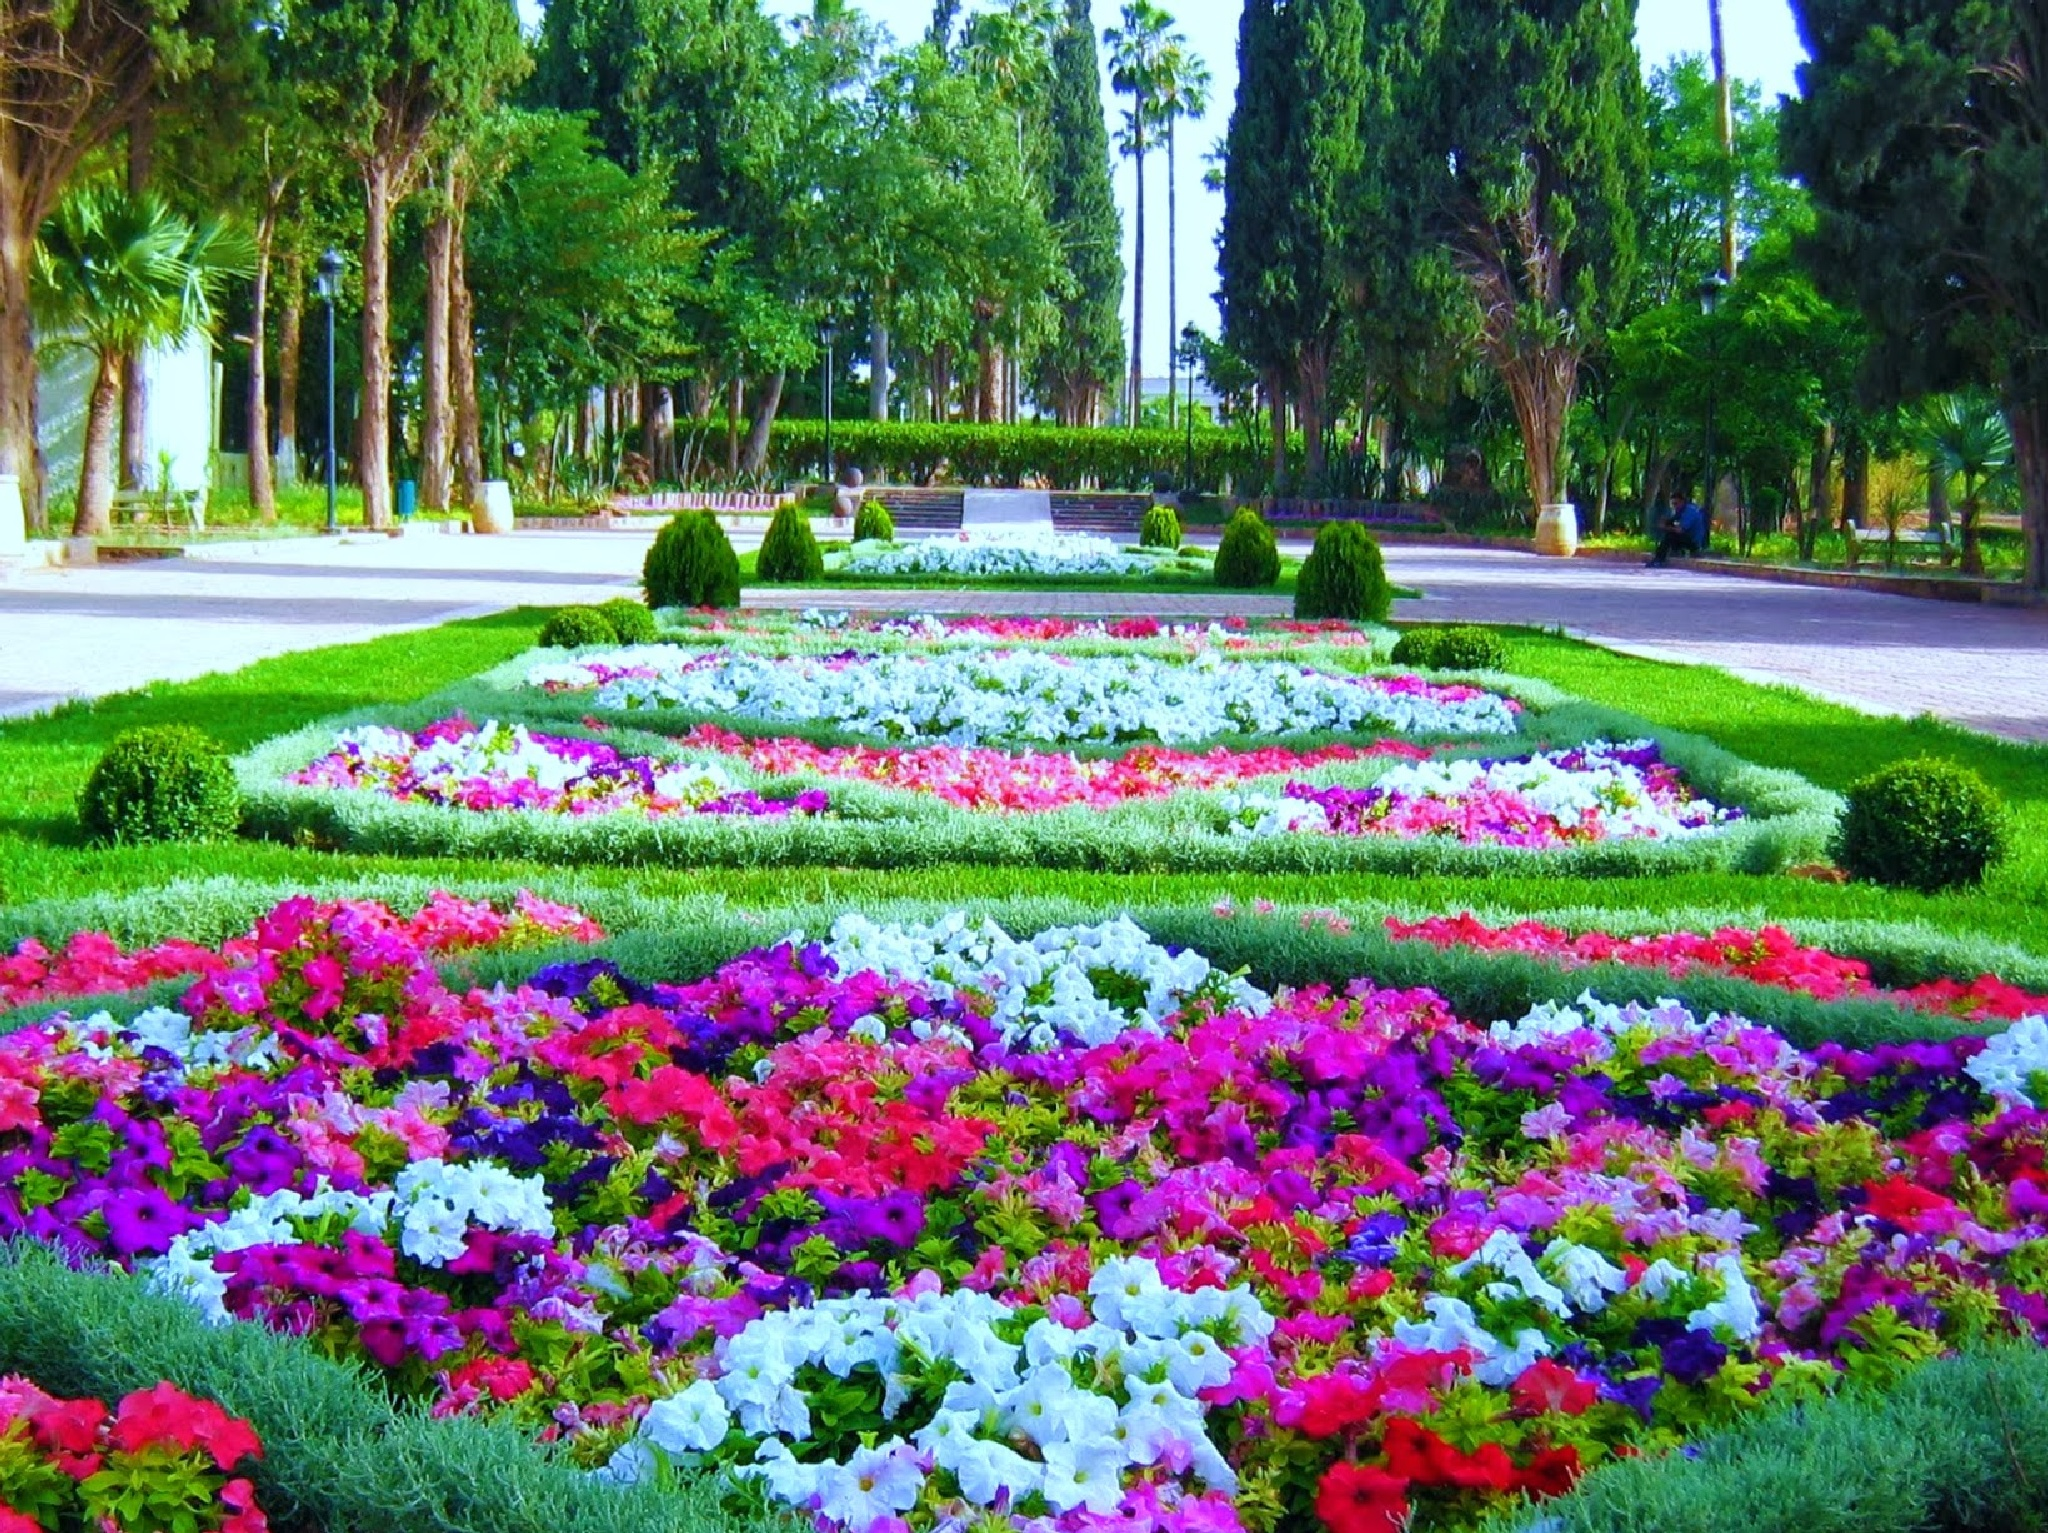 Parc Lalla Aicha d'Oujda au Maroc by Mostafa Bentayeb